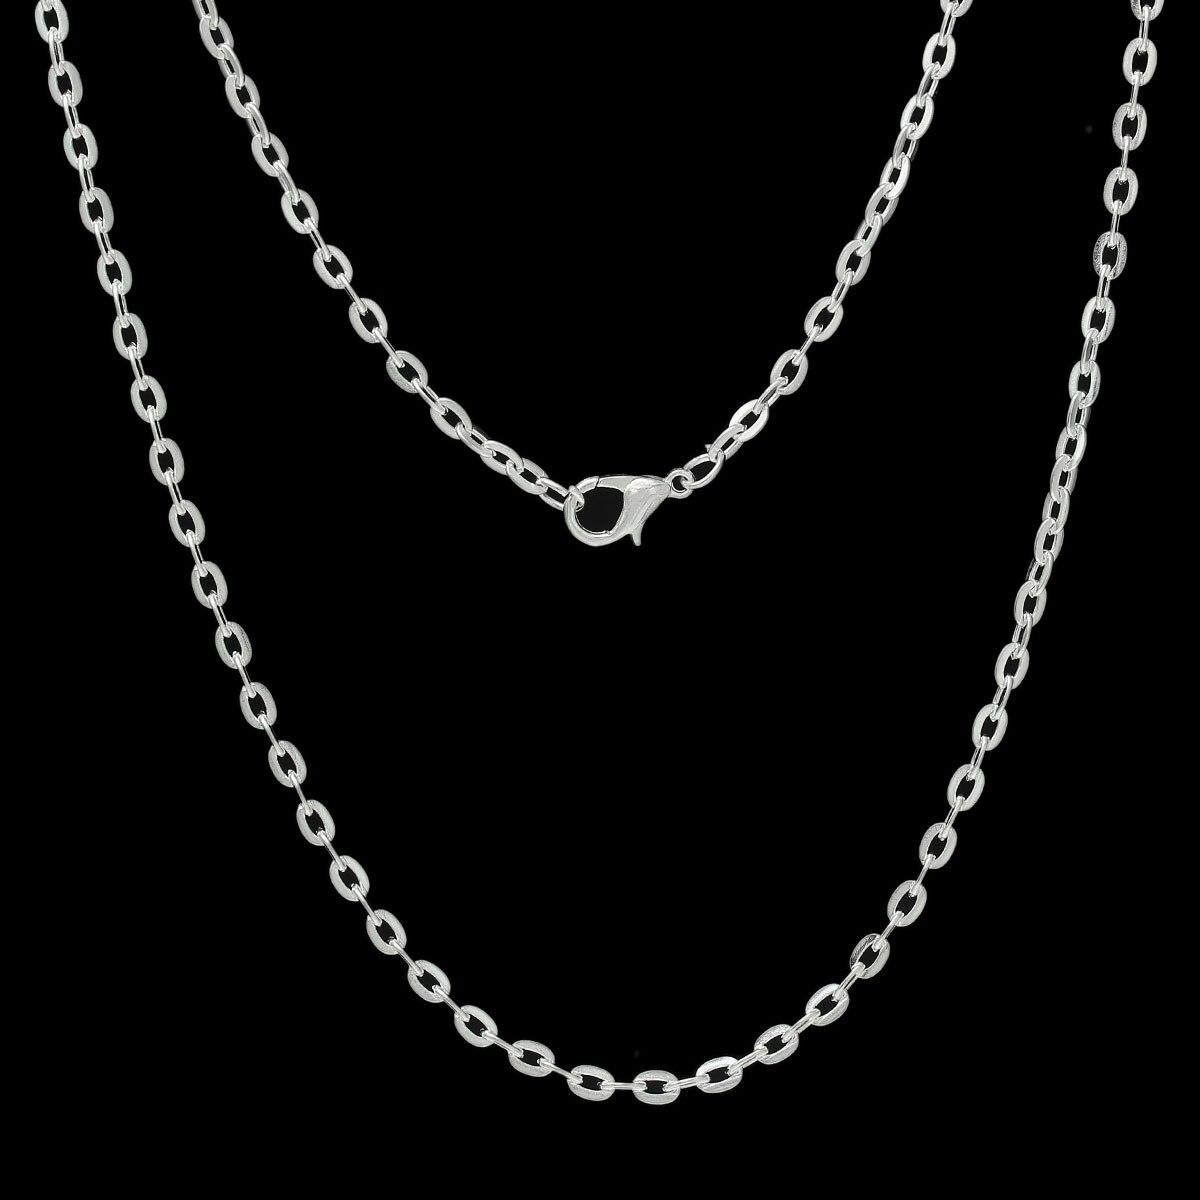 collier argent 30 cm